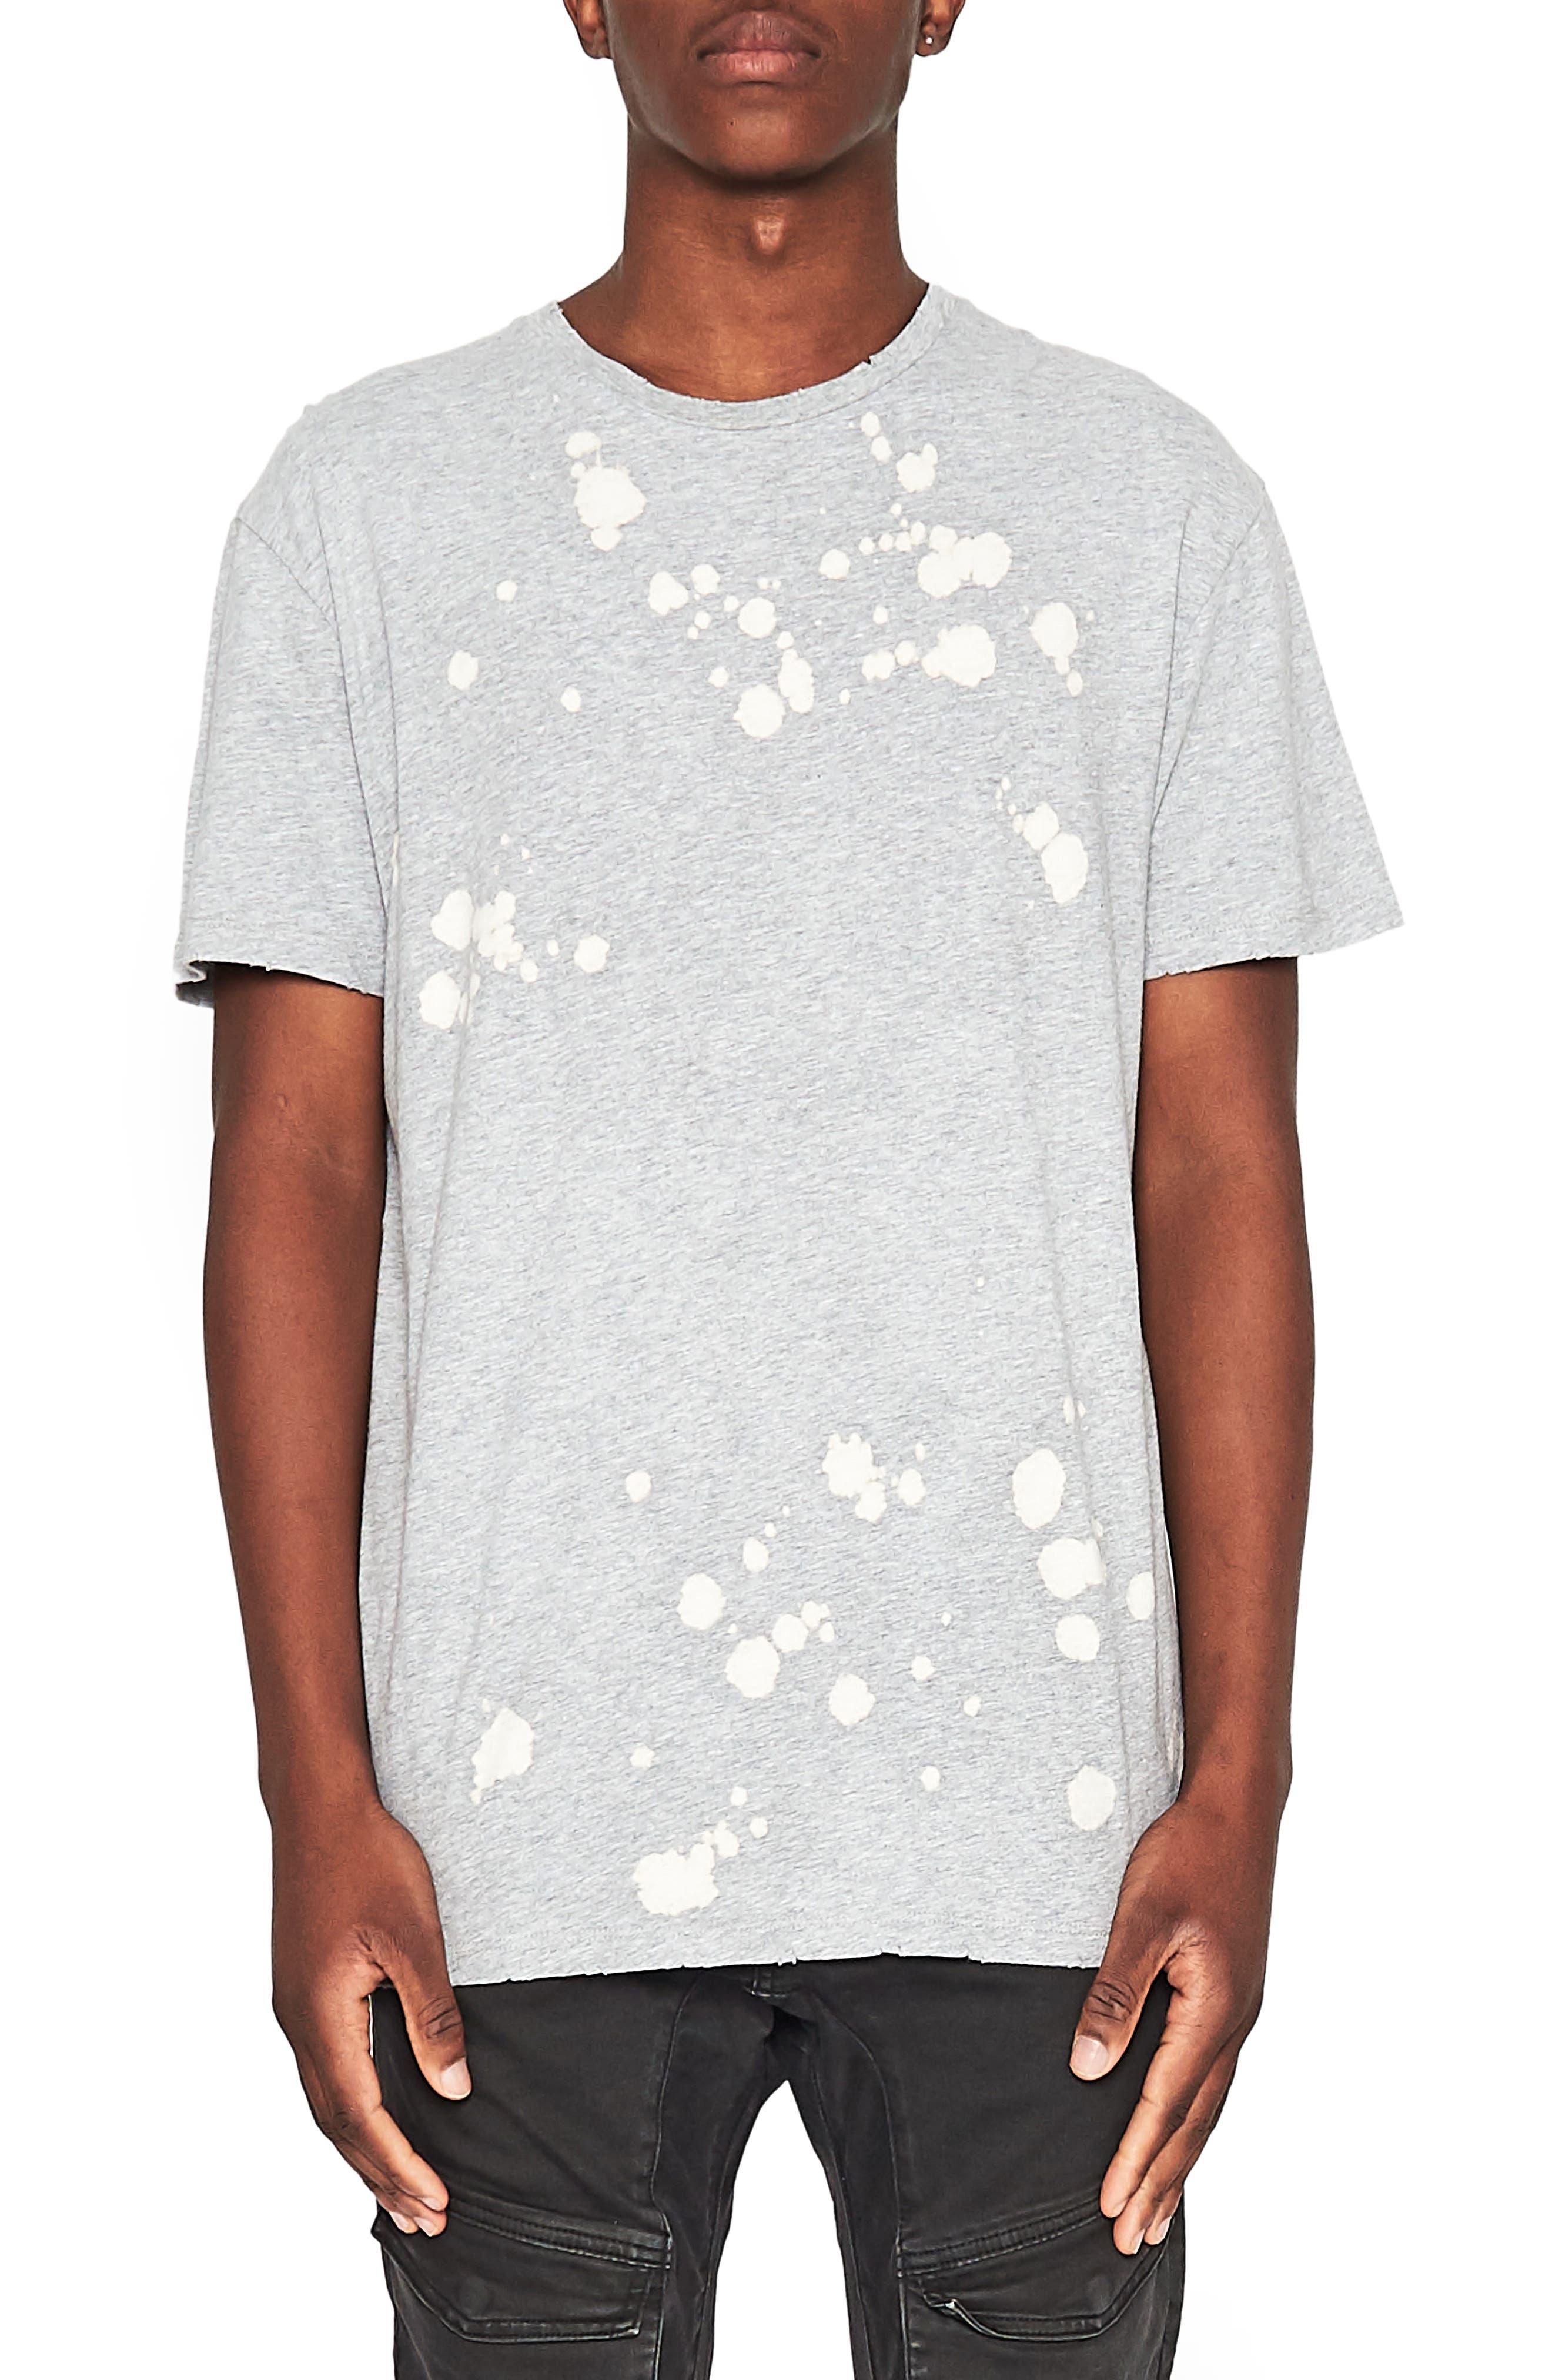 Main Image - NXP Da Vinci T-Shirt